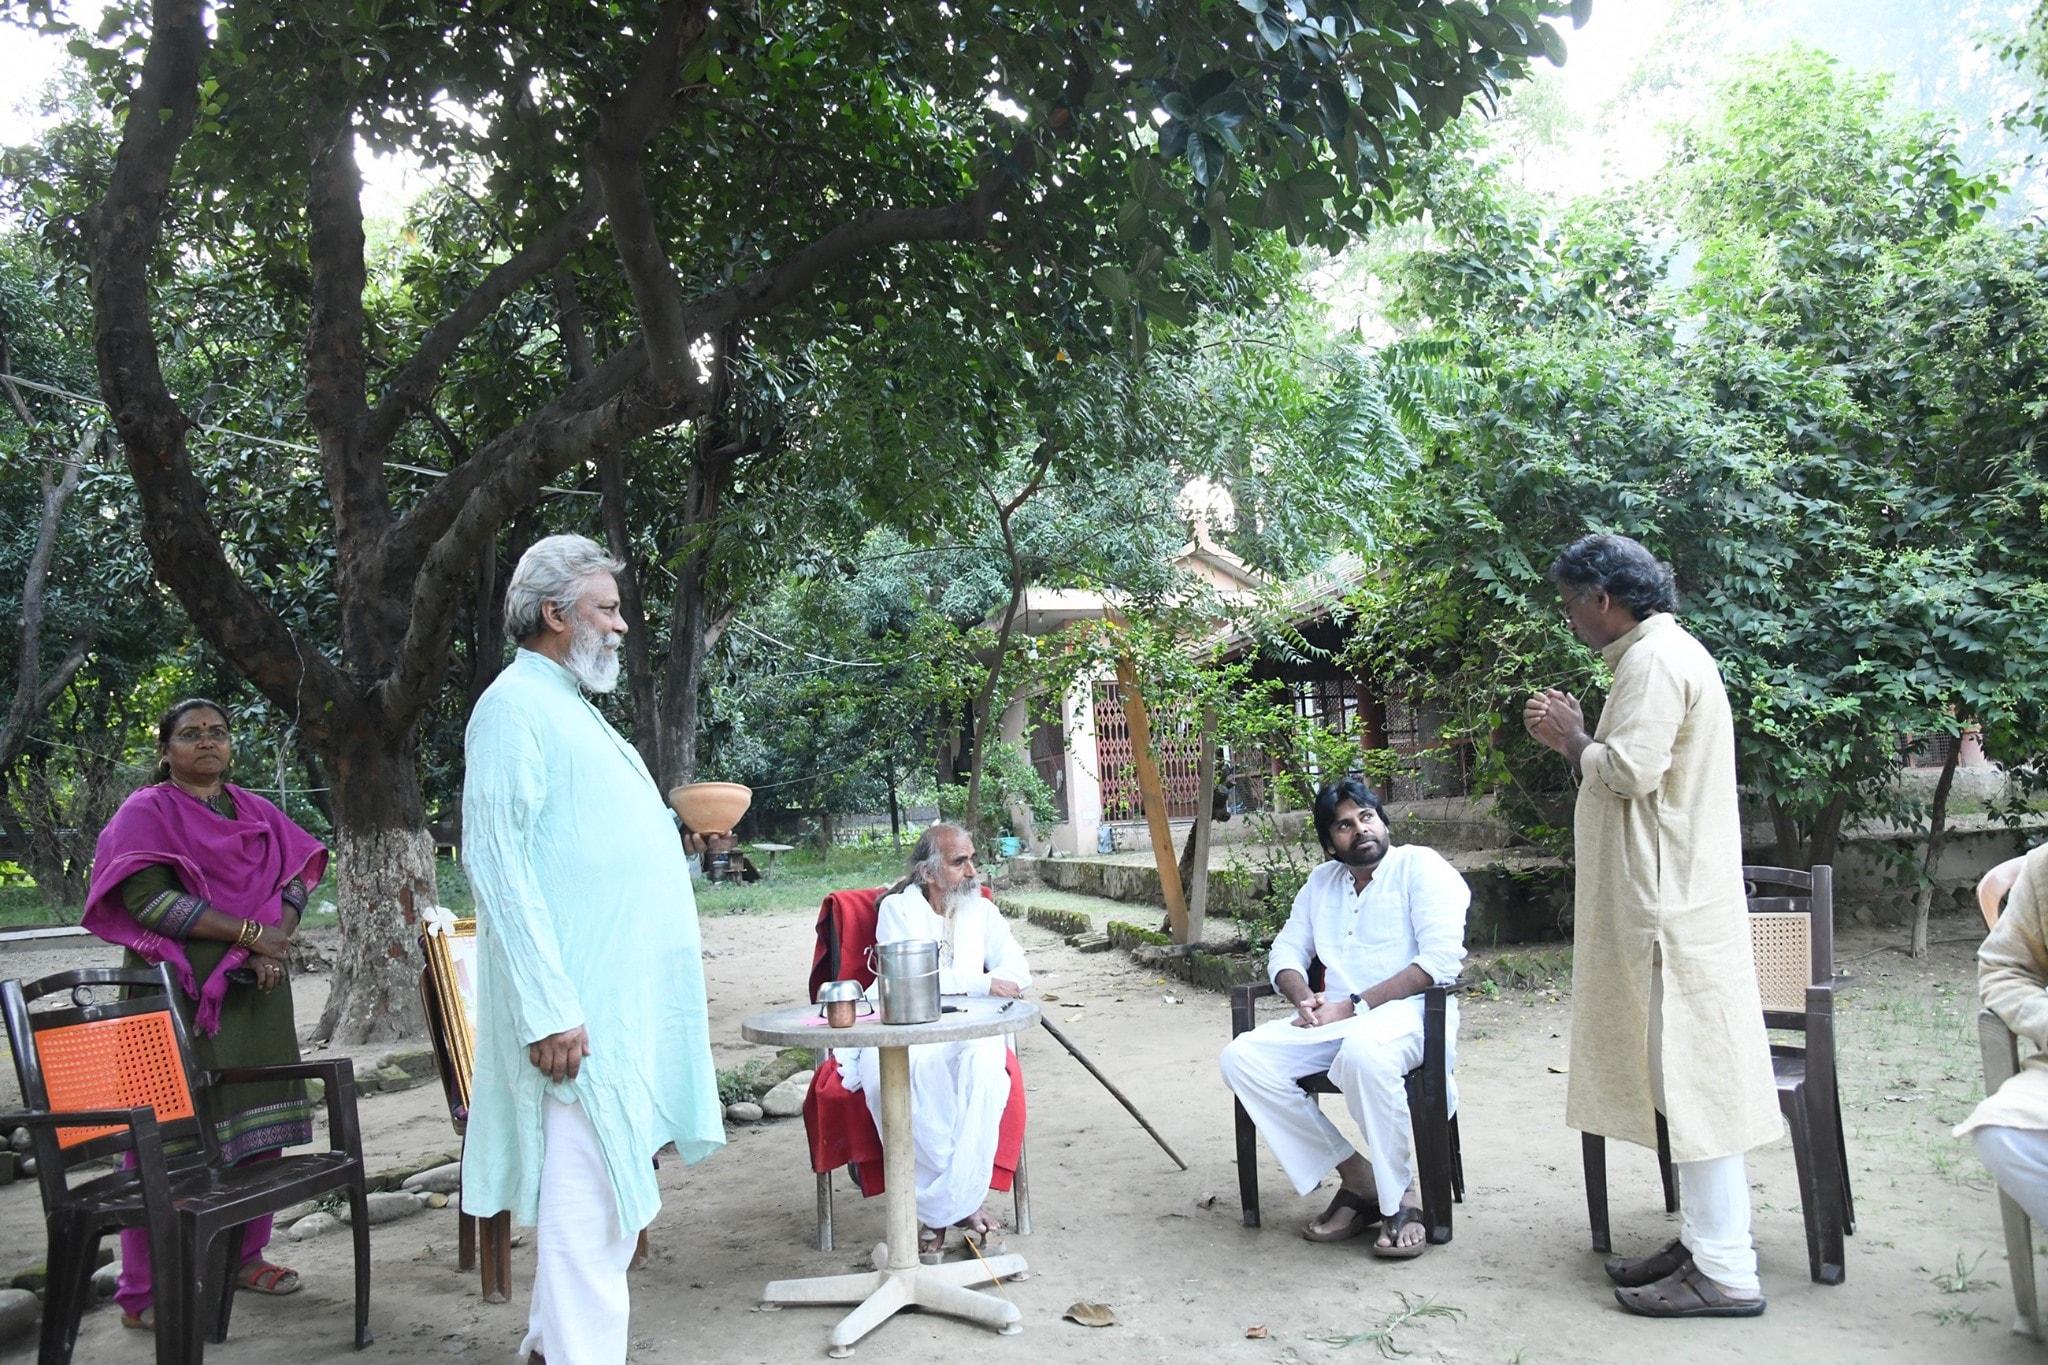 హరిద్వార్లోని మాత్రి సదన్ ఆశ్రమంలో పవన్ కల్యాణ్